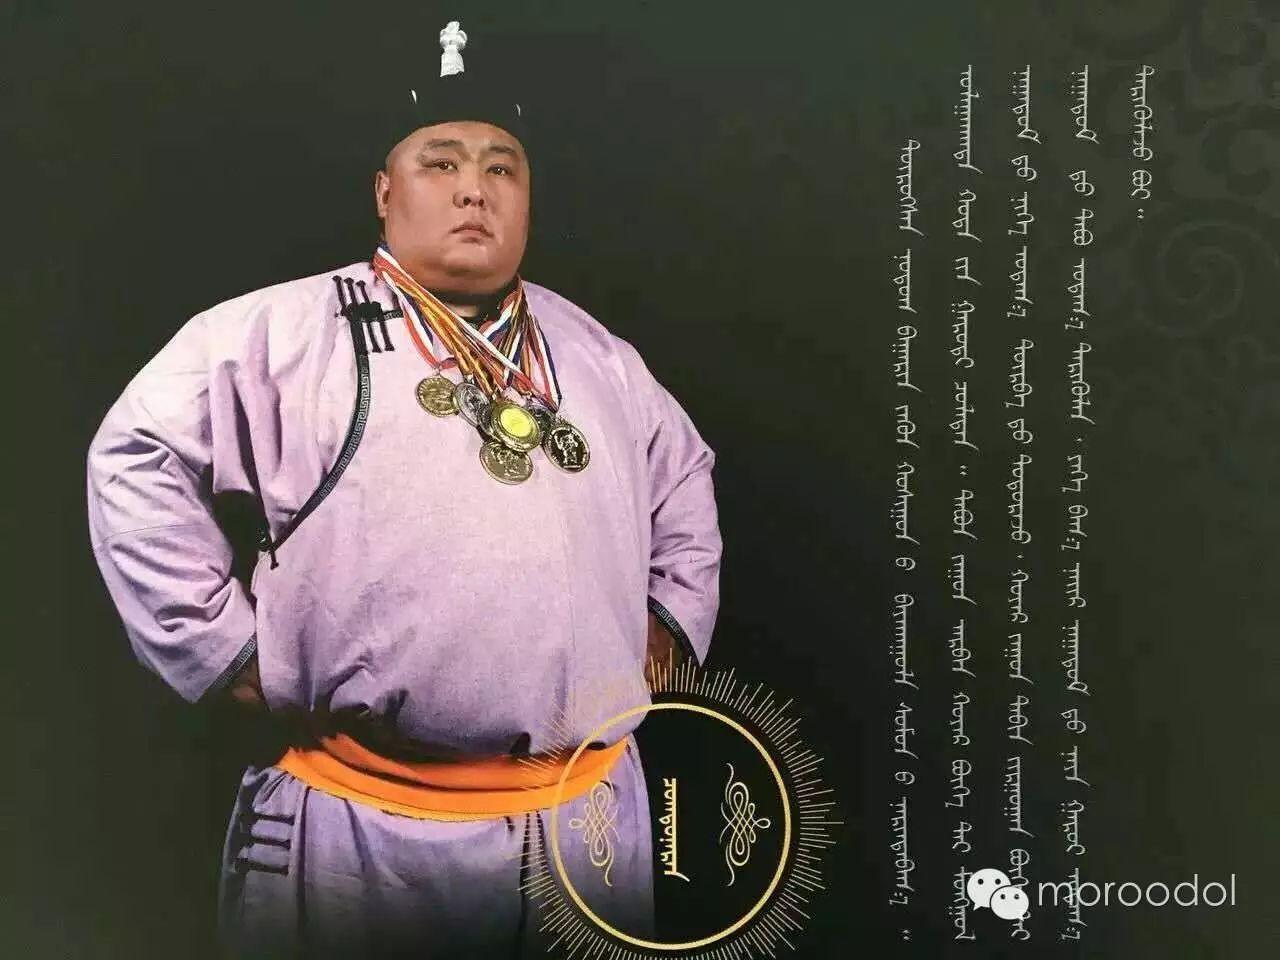 卐【蒙古博克】赤峰著名摔跤手及他们的战绩(图片) 第8张 卐【蒙古博克】赤峰著名摔跤手及他们的战绩(图片) 蒙古文化